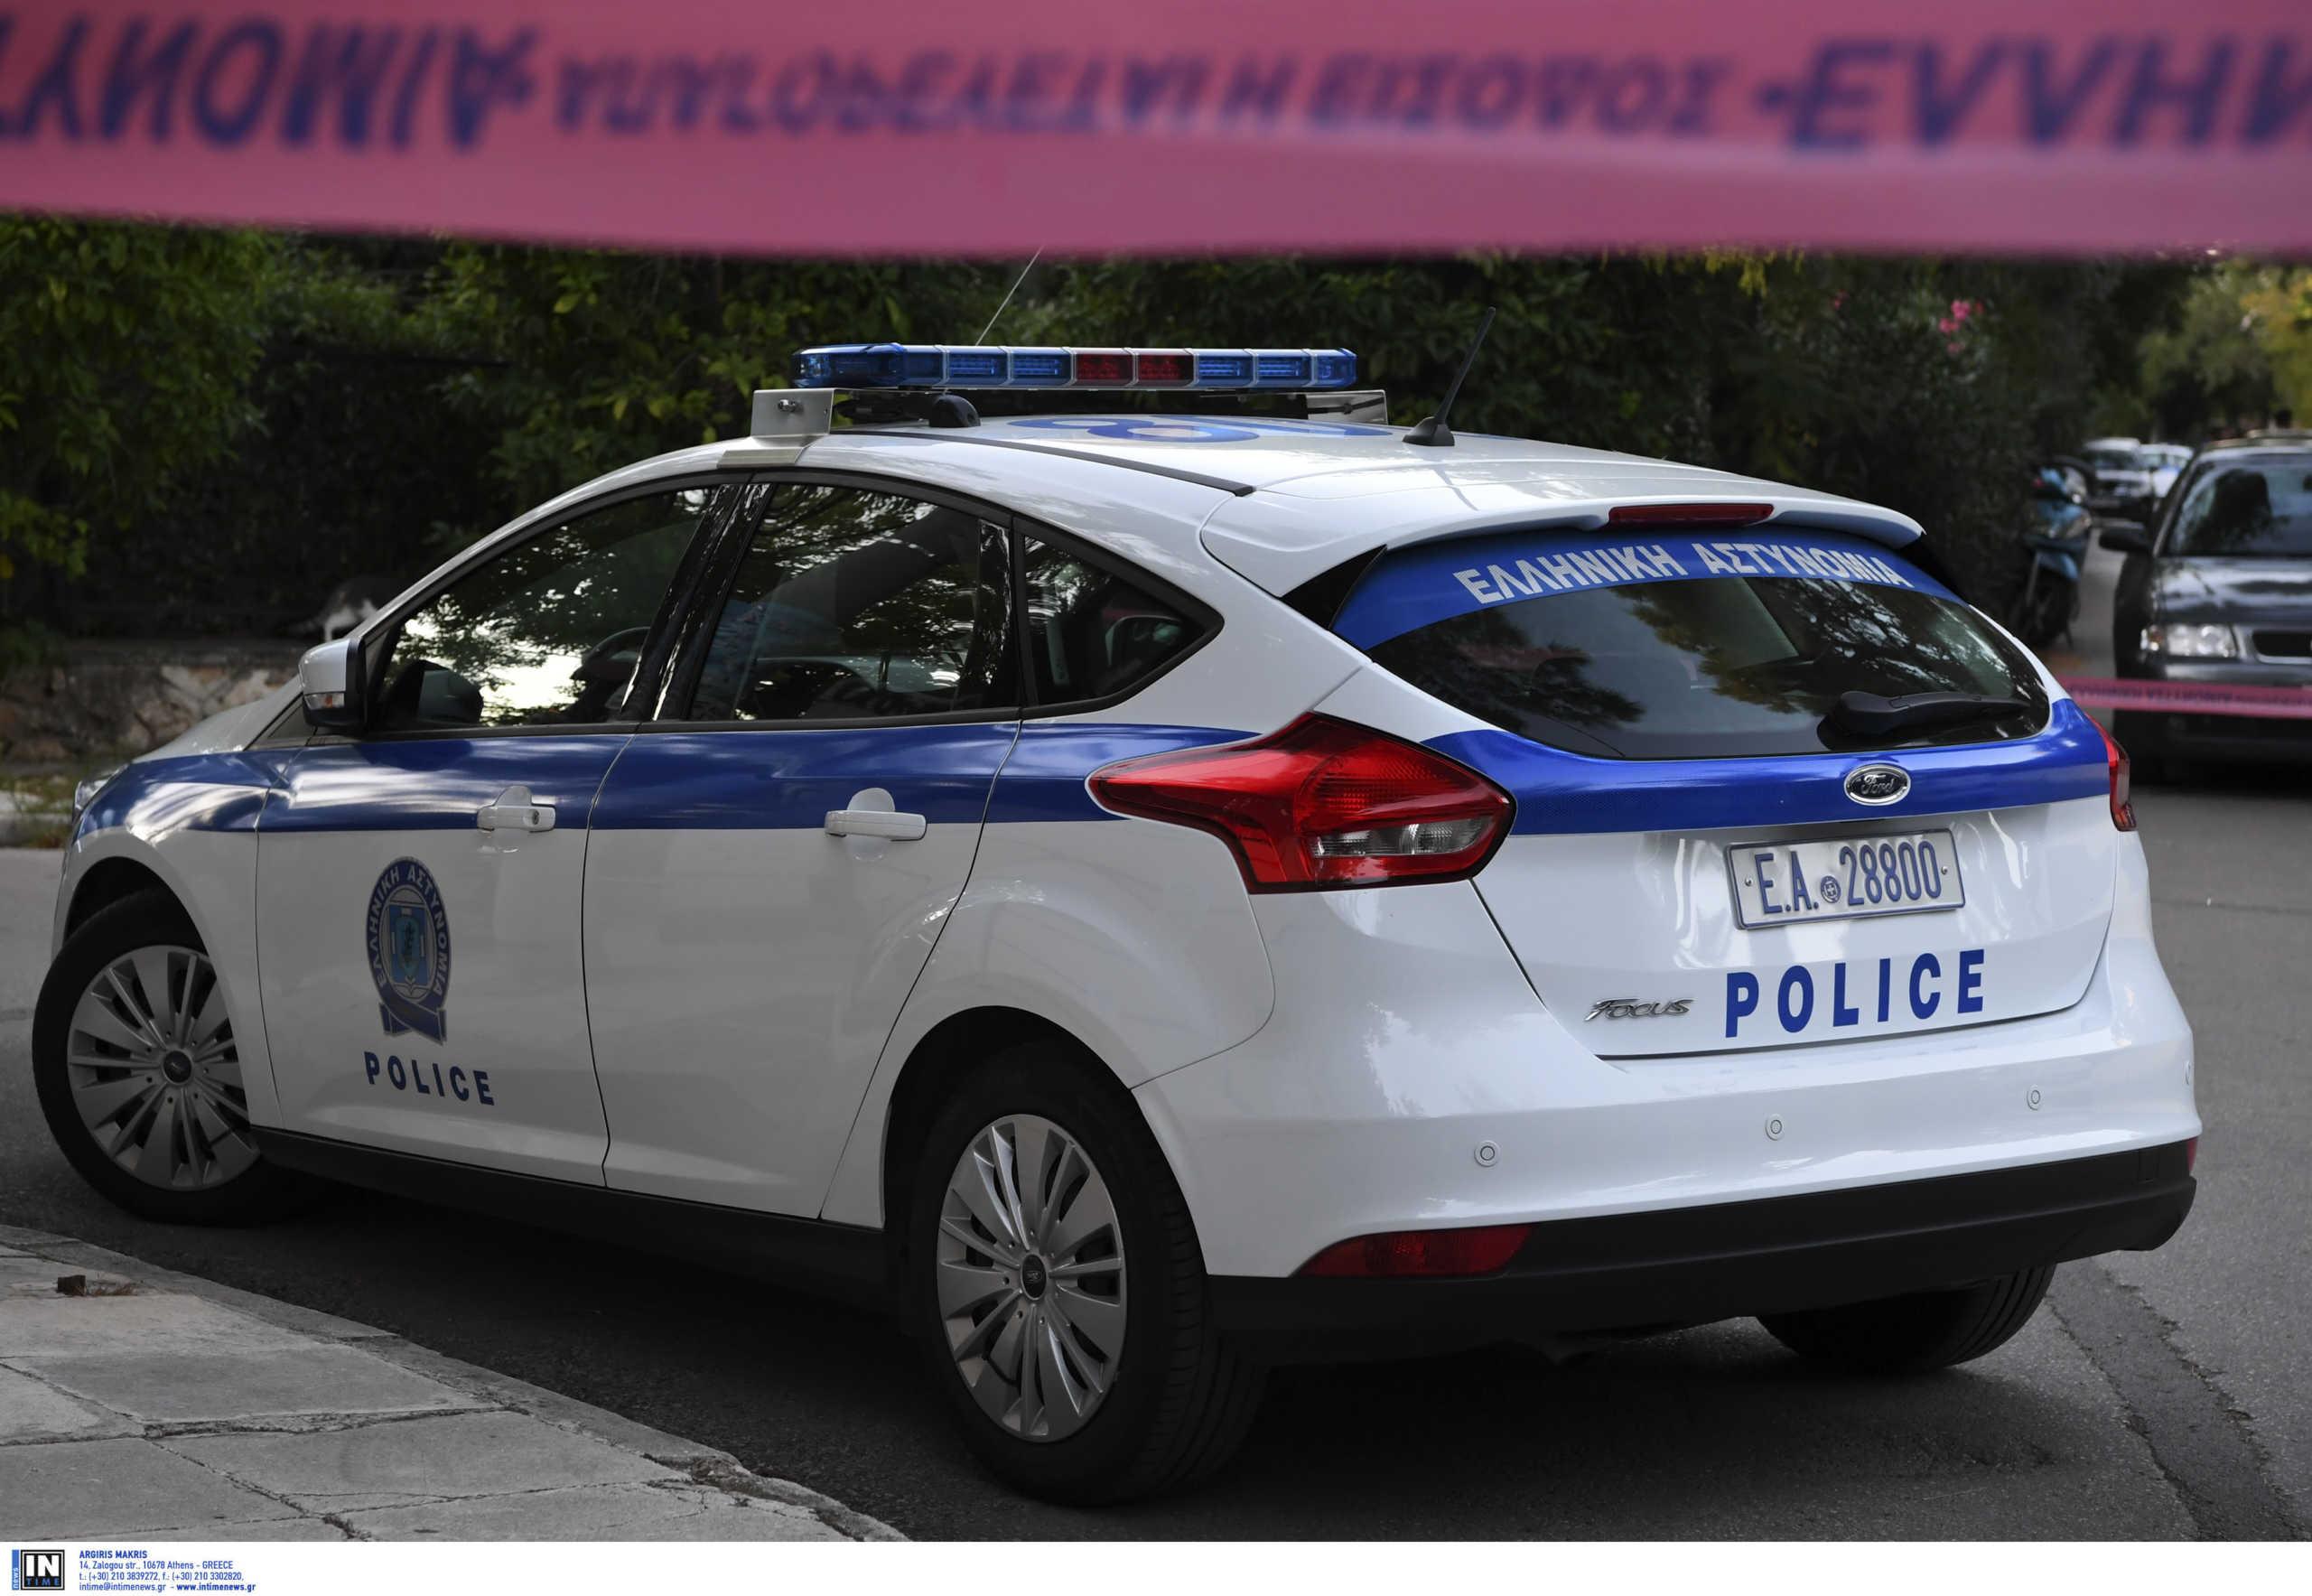 Κηφισιά: Ο ληστής ήταν σωφρονιστικός υπάλληλος – Το σατανικό σχέδιο με την ταυτότητα αστυνομικού